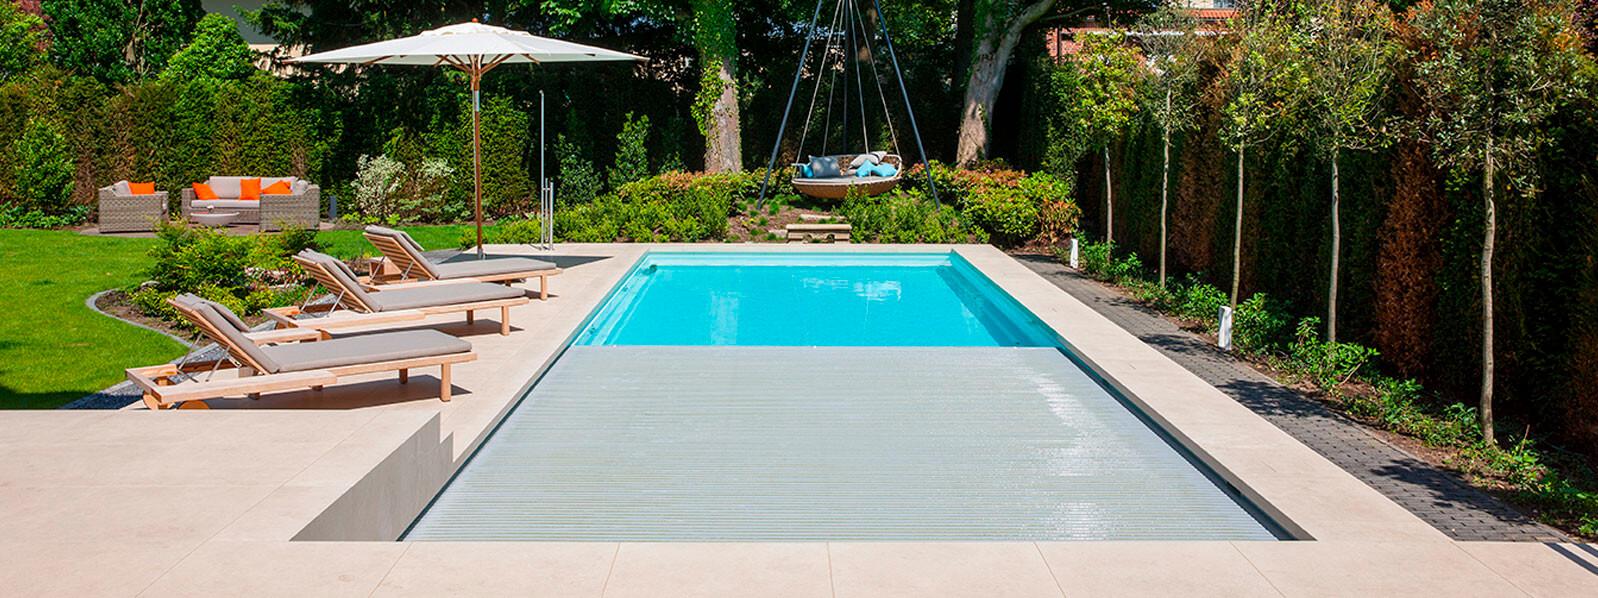 pool rolladenabdeckung poolabdeckungen automatisch hochwertig und auf ma gefertigt. Black Bedroom Furniture Sets. Home Design Ideas